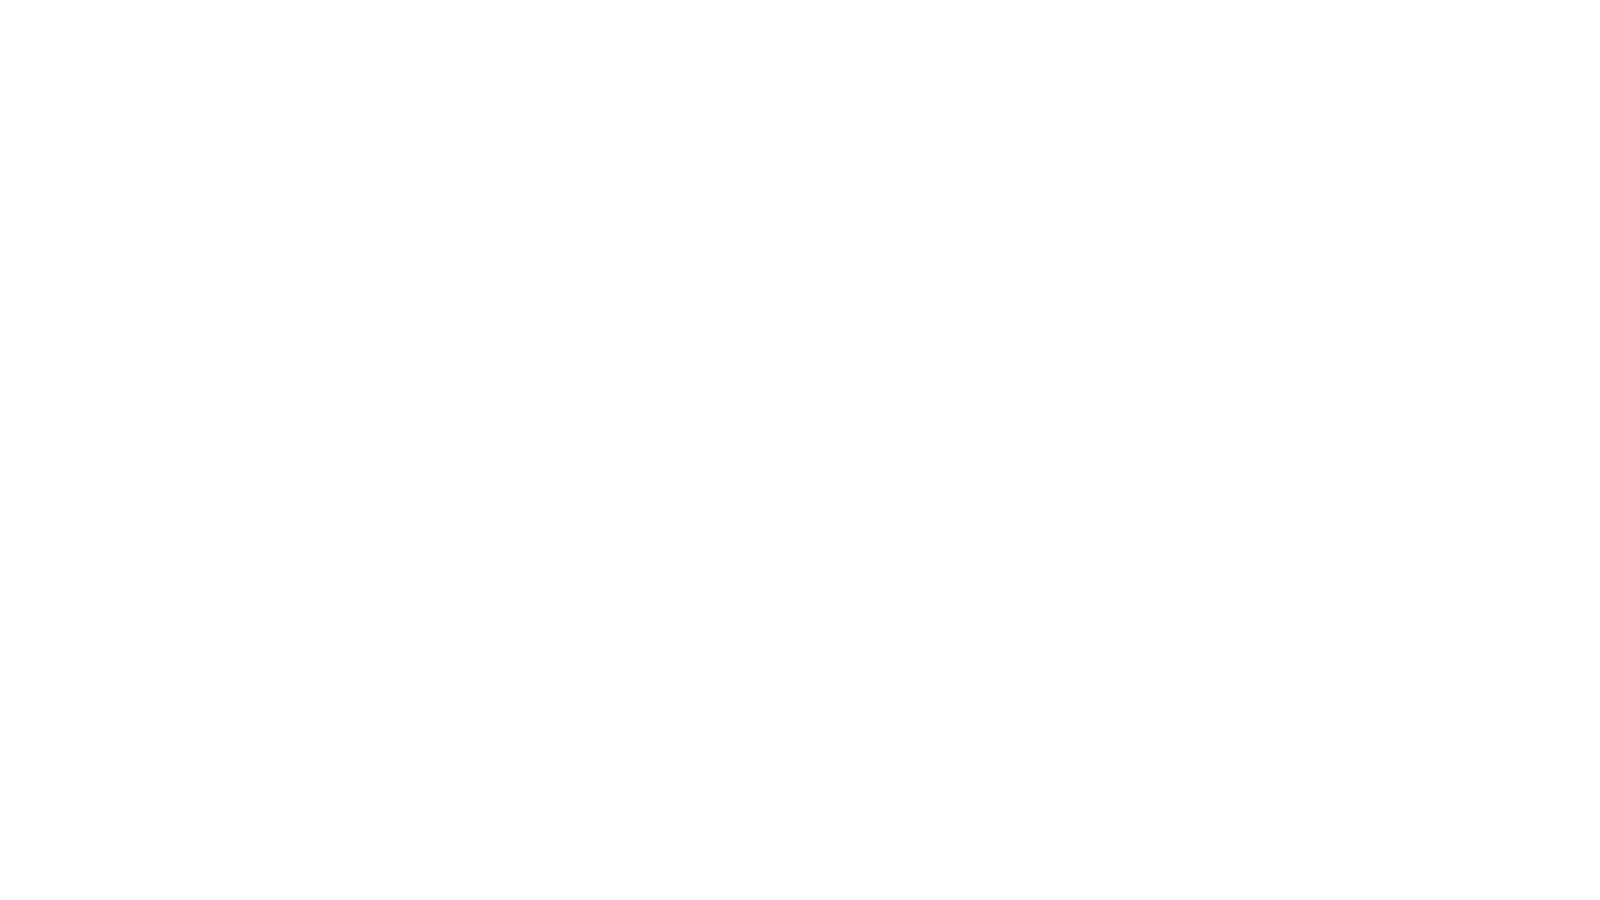 #TinecoPureOneS12 è un aspirapolvere senza fili dotato di un comodo display, di un motore brushless da 5000w e di una marea di accessori utili. Ma come si comporta sul campo? Vi raccontiamo tutto quello che dovete sapere su questo prodotto #tineco nella nostra recensione.  🛍️ ACQUISTA TINECO PURE ONE S12: https://amzn.to/2UYefMc E sorpresa! Abbiamo un codice sconto per voi: con il codice princessS12 potete risparmiare 60€ acquistando il prodotto su Amazon. Lo sconto è valido fino all'8 agosto 2021.  💙SEGUI FJONA SU INSTAGRAM: http://instagram.com/fjonacakalli 💙SEGUI ERIKA SU INSTAGRAM: http://instagram.com/lagherika 🛒CANALE TELEGRAM OFFERTE: https://t.me/offertetechprincess 💌ISCRIVITI ALLA NEWSLETTER: https://caffellattech.it/ ✏️LEGGICI SU TECHPRINCESS: https://www.techprincess.it 💜SEGUICI SU TWITCH: https://www.twitch.tv/techprincess 🎙️ Ascolta il Podcast: http://bit.ly/fjona-cakalli-podcast 📰 TechPrincess su Google News: https://bit.ly/techprincess-news 🙋♀️ Gruppo Facebook: https://www.facebook.com/groups/2447788472003101  🎥 La nostra attrezzatura:  - PANASONIC LUMIX S1H: https://amzn.to/3uqZtuB - BLACKMAGIC POCKET 6K: https://amzn.to/2MrUBEi - RODE WIRELESS GO: https://amzn.to/3qUYxw3 - DRONE DJI MAVIC 2 PRO: https://amzn.to/2NGFOpE - DJI RONIN S: https://amzn.to/3pN0rh2  #TinecoTime #SmarterIsBetter #SmarterIsTineco